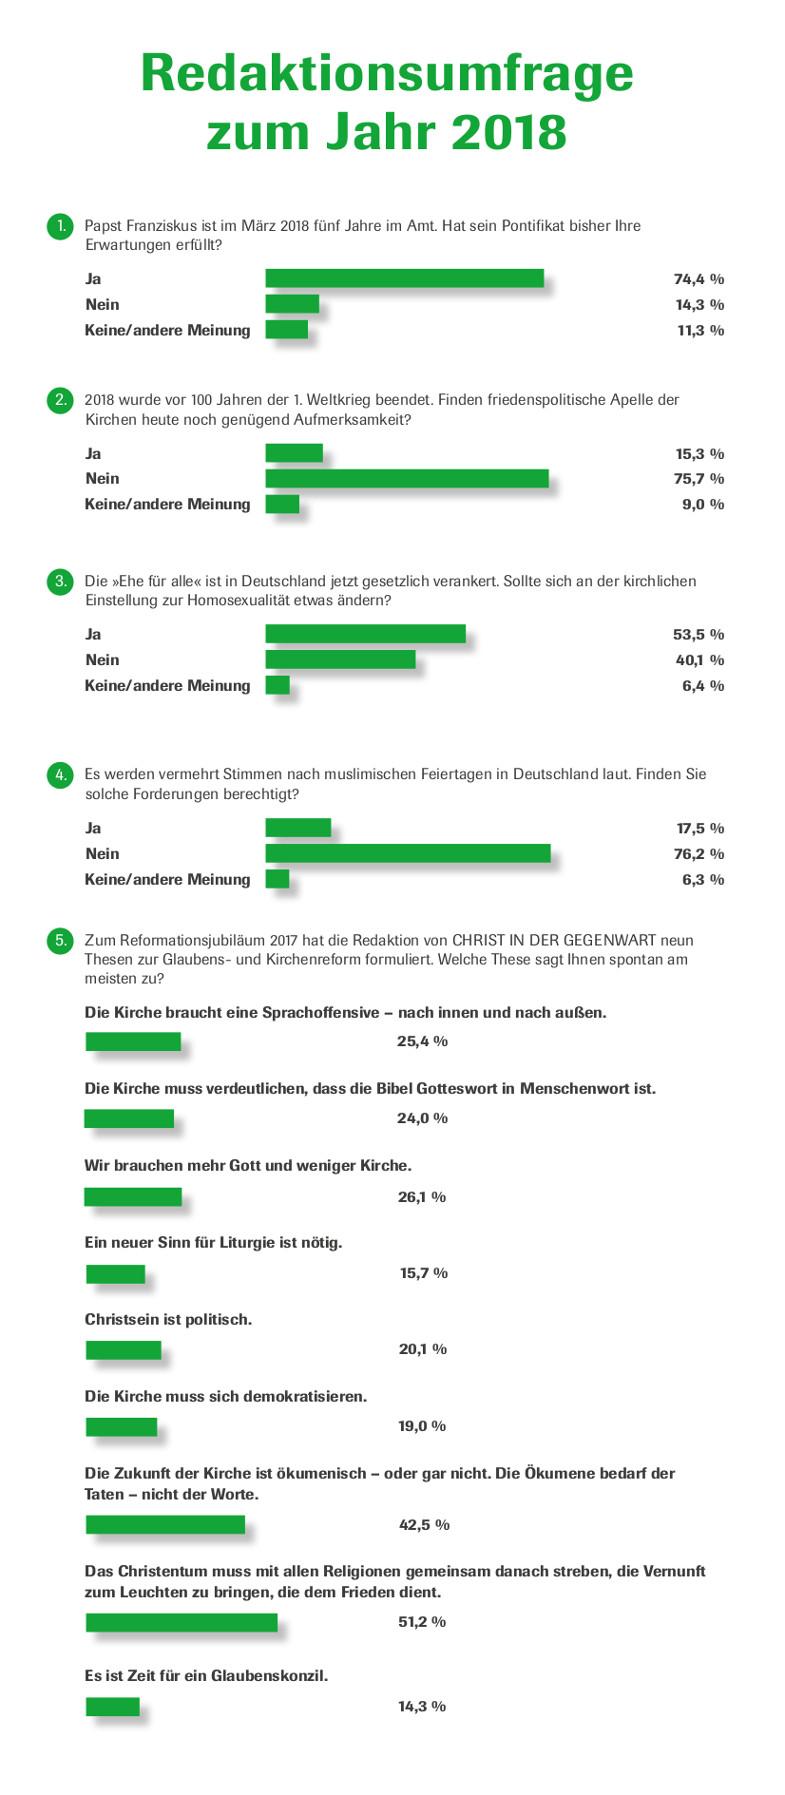 Redaktionsumfrage zum Jahr 2018: Auswertung einer Umfrage des CHRIST IN DER GEGENWART